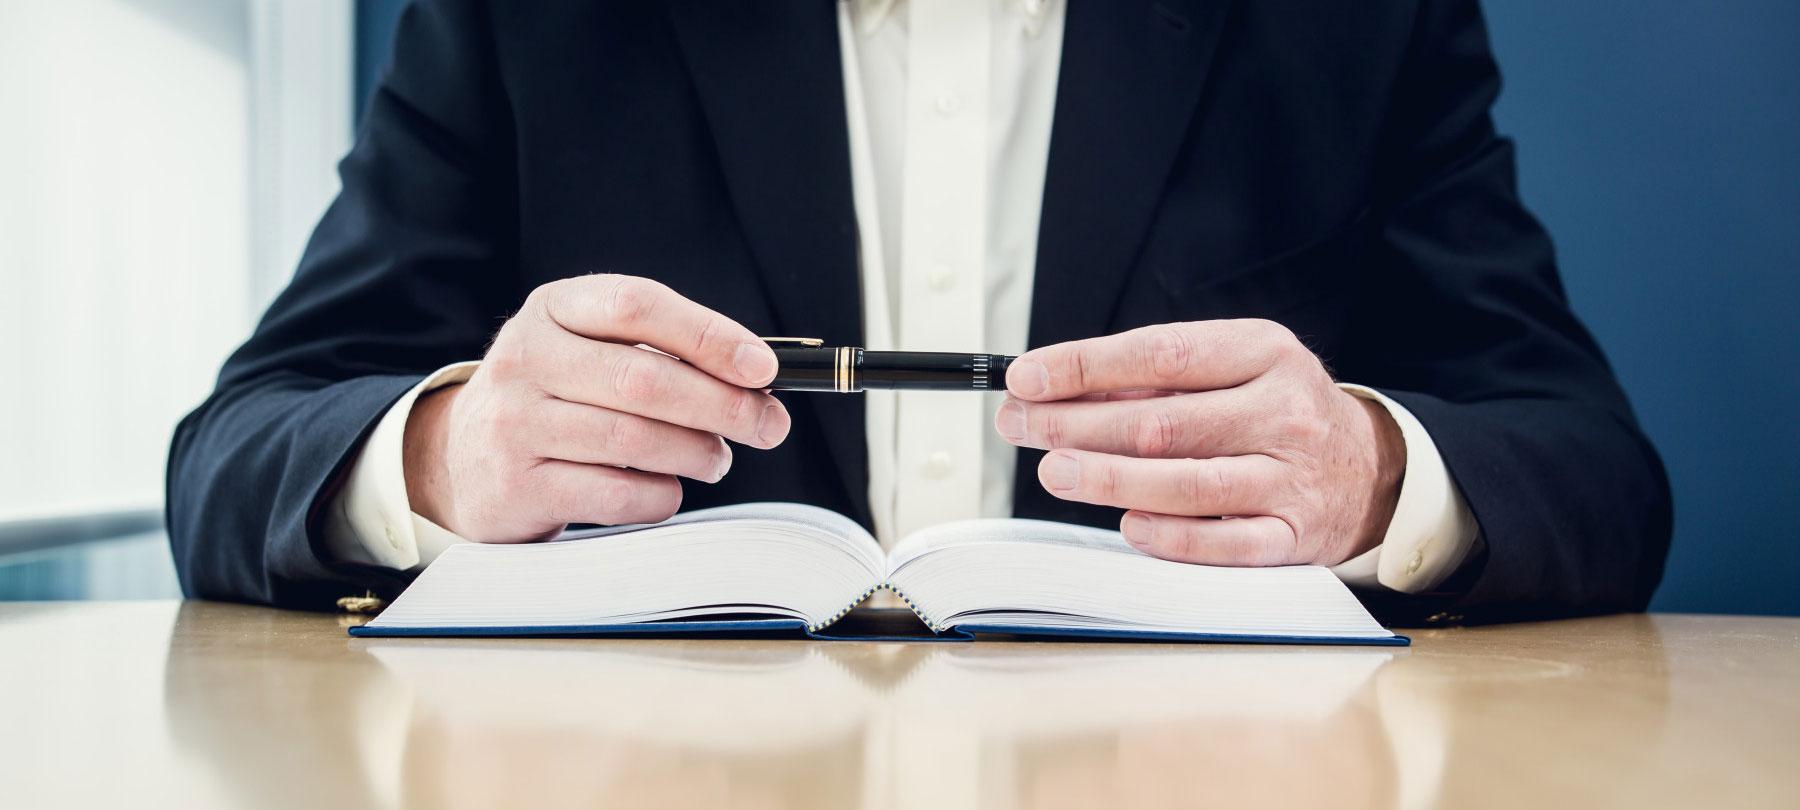 Регистрацияпредприятий и ФЛП: профессиональная юридическая помощь